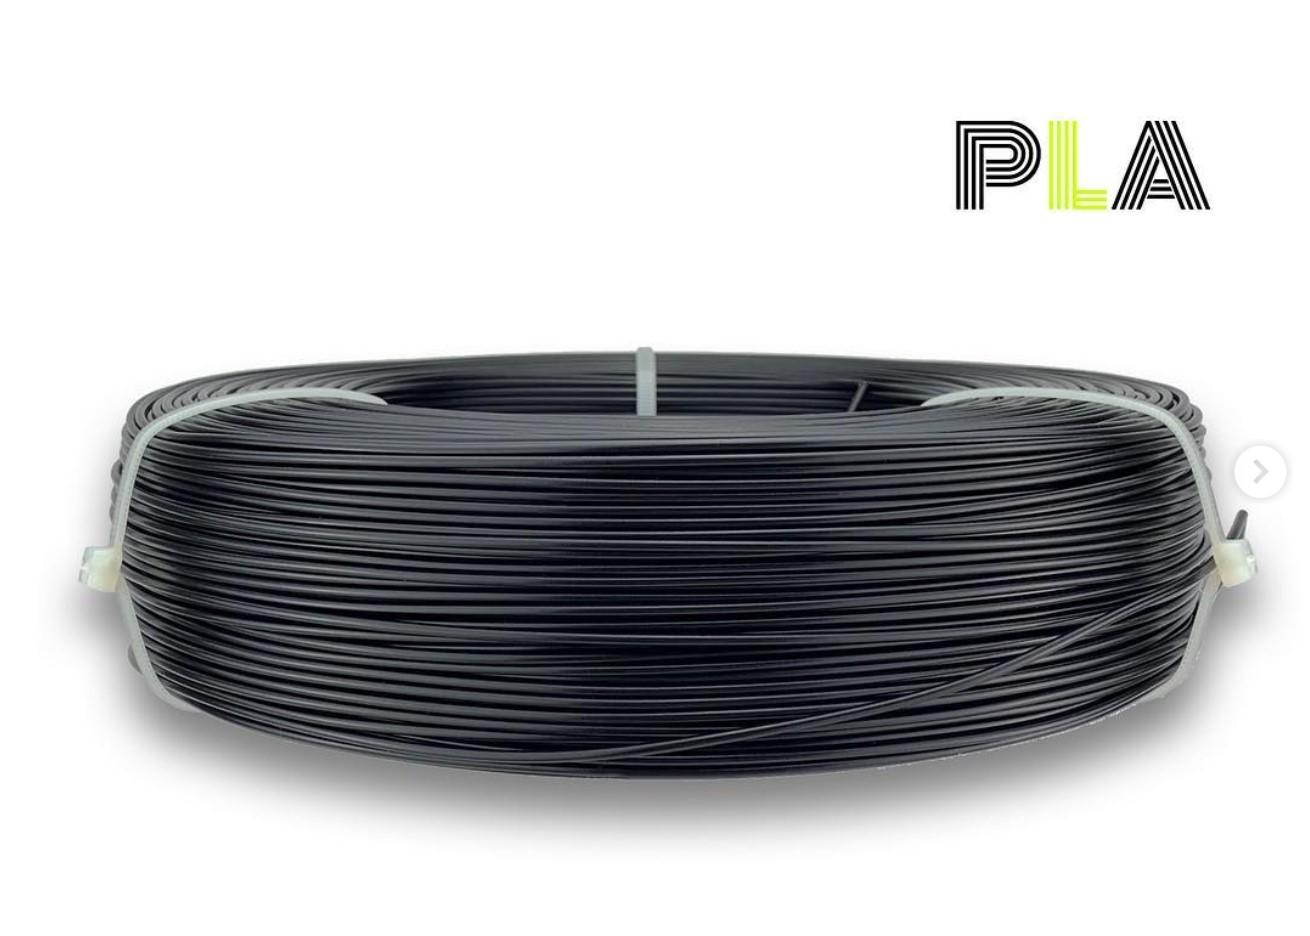 Neue PLA Farbe: PLA Schwarz matt!